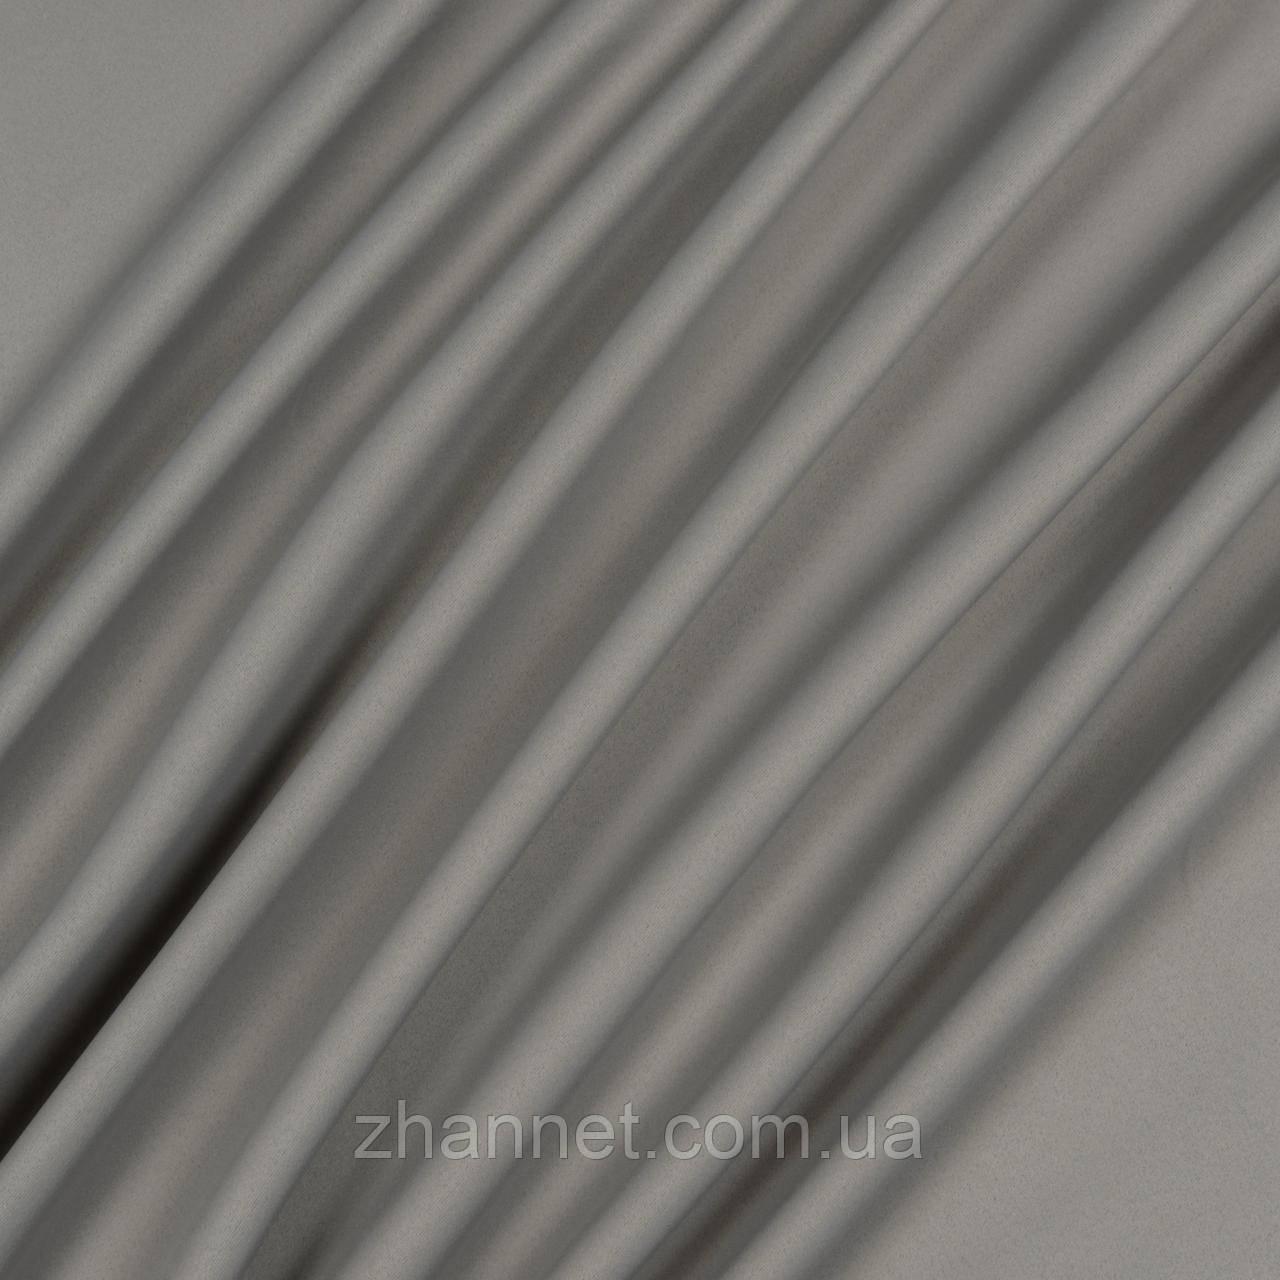 Ткань Блекаут серый дым 280 см (957261)